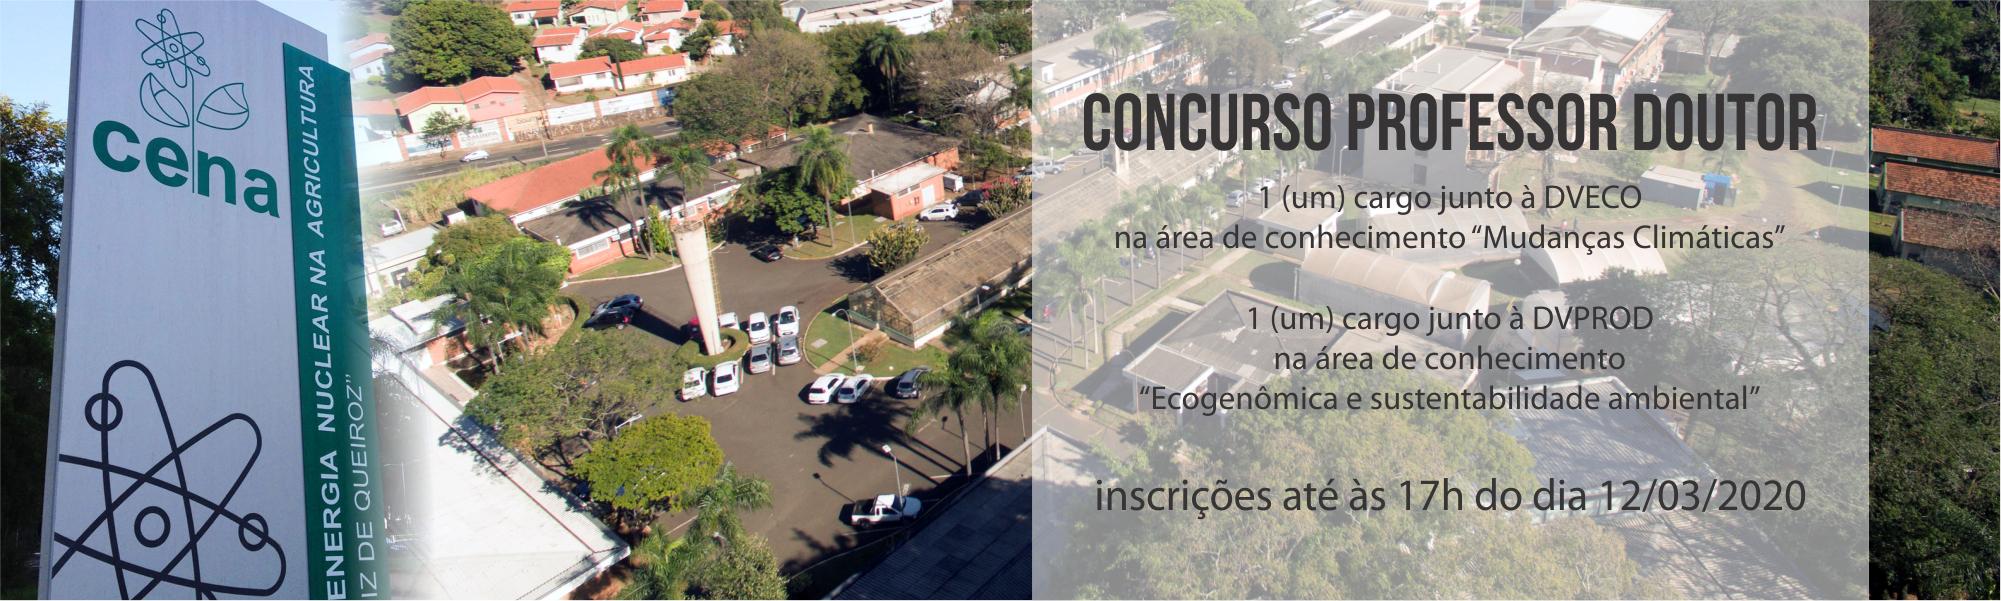 comunicado_cargo_professor